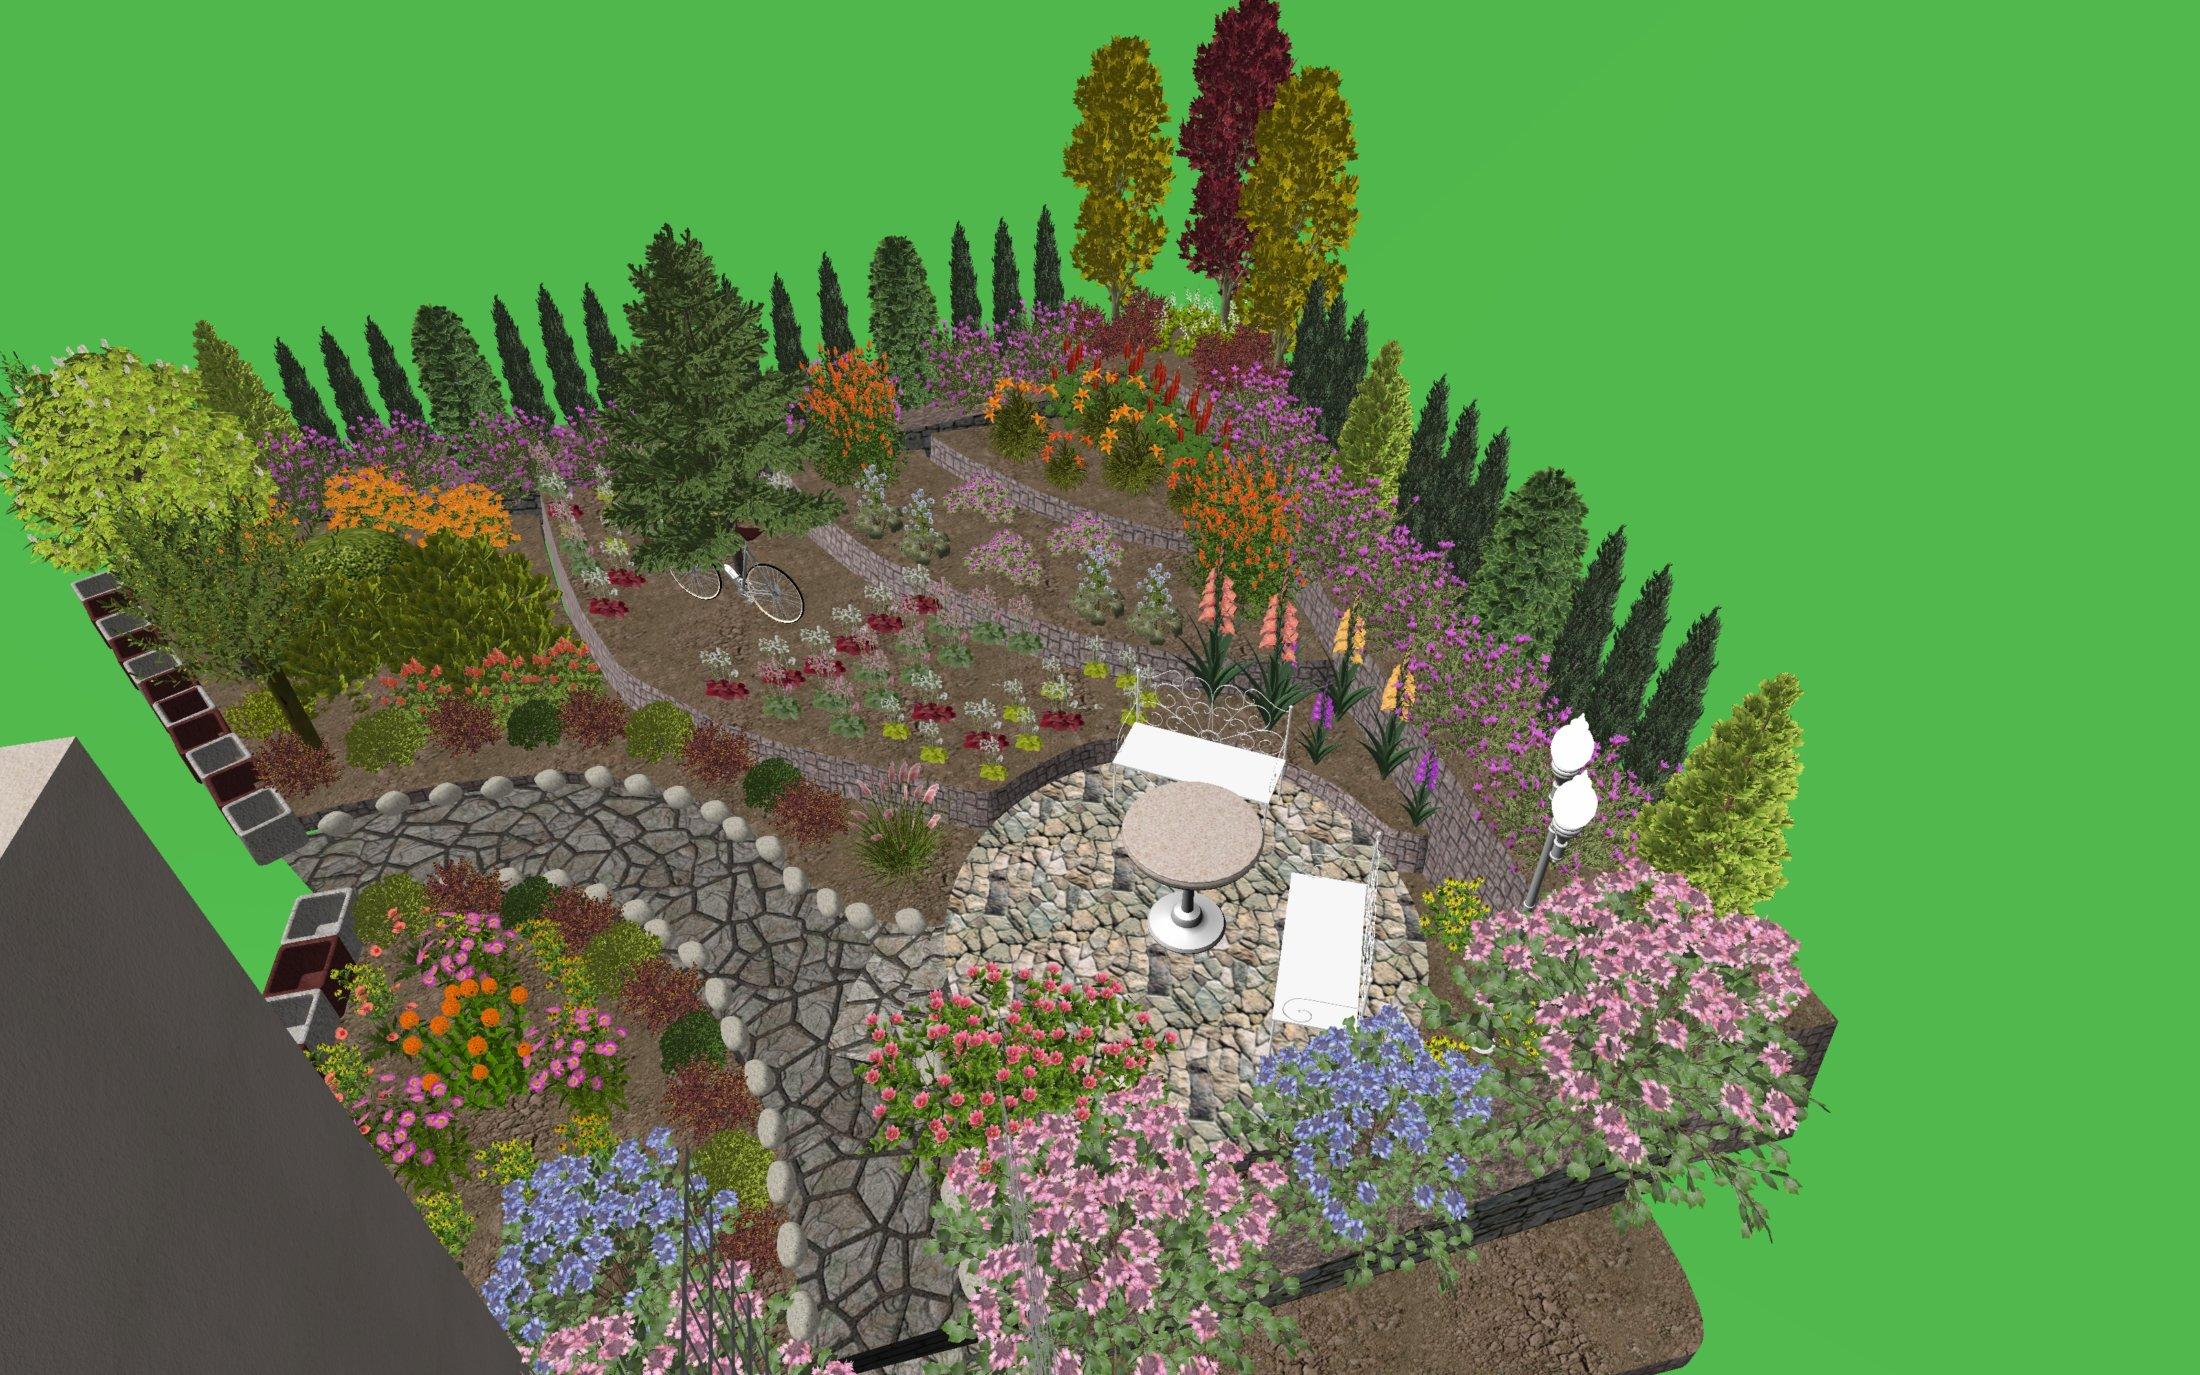 PROJEKT KOZY - TARSY Wizualizacja 3D